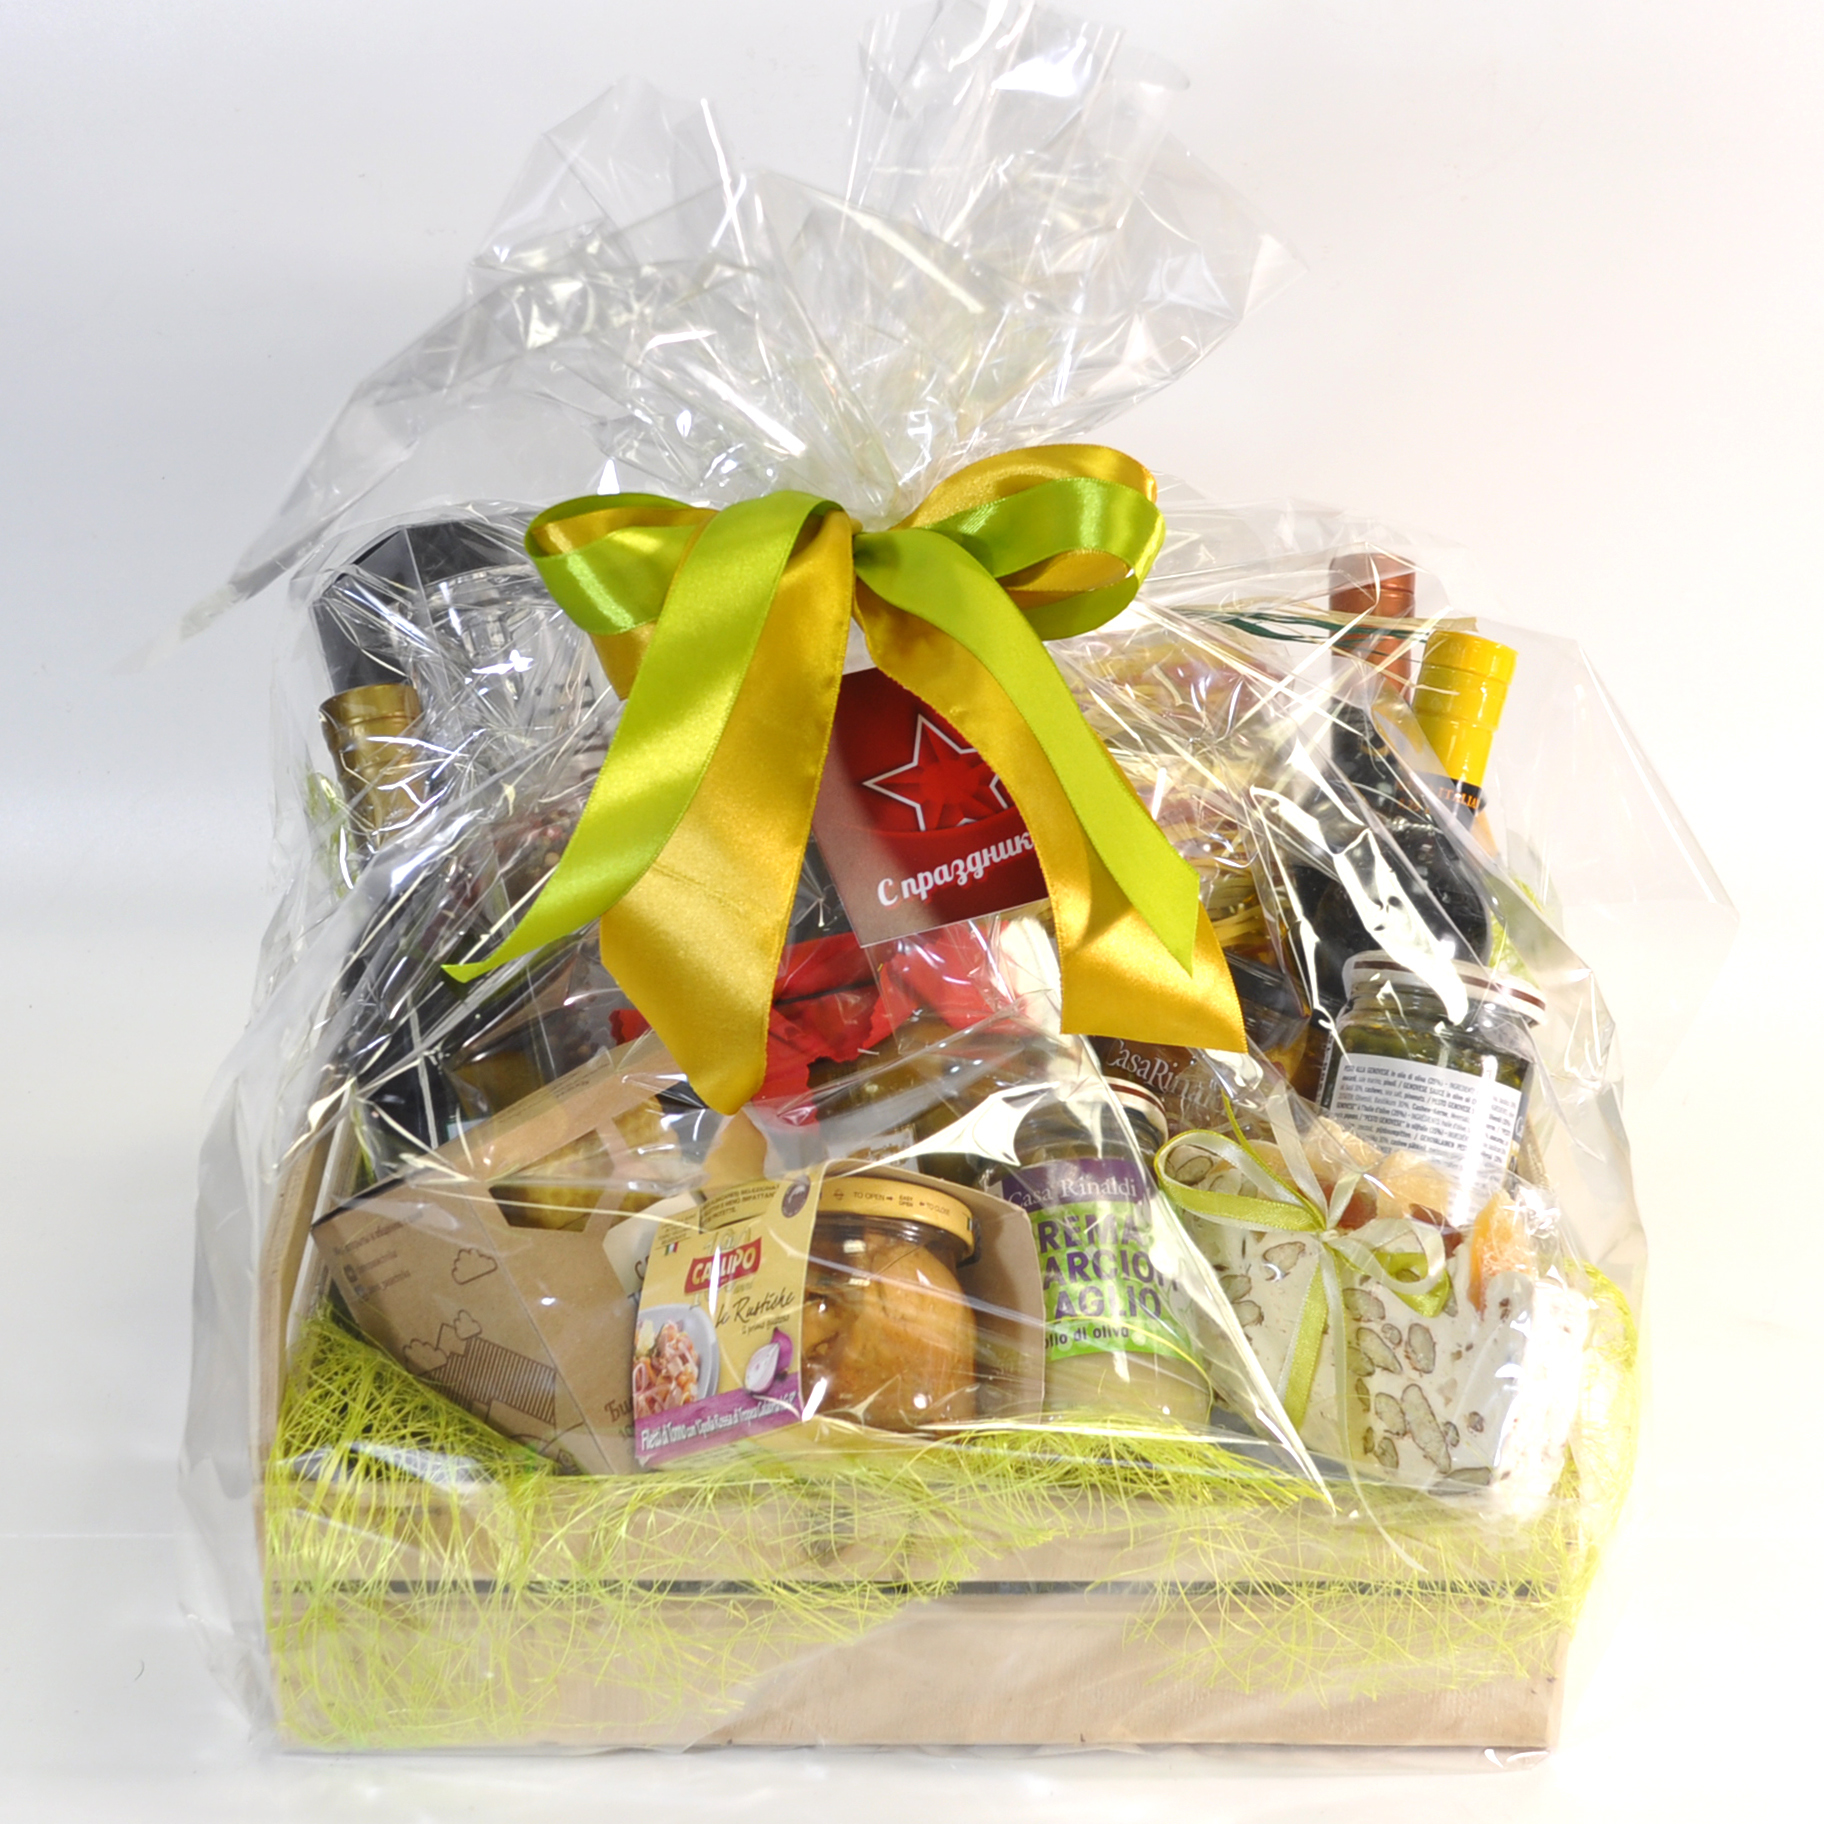 Подарочный набор Casa Rinaldi с продуктами Di campagna